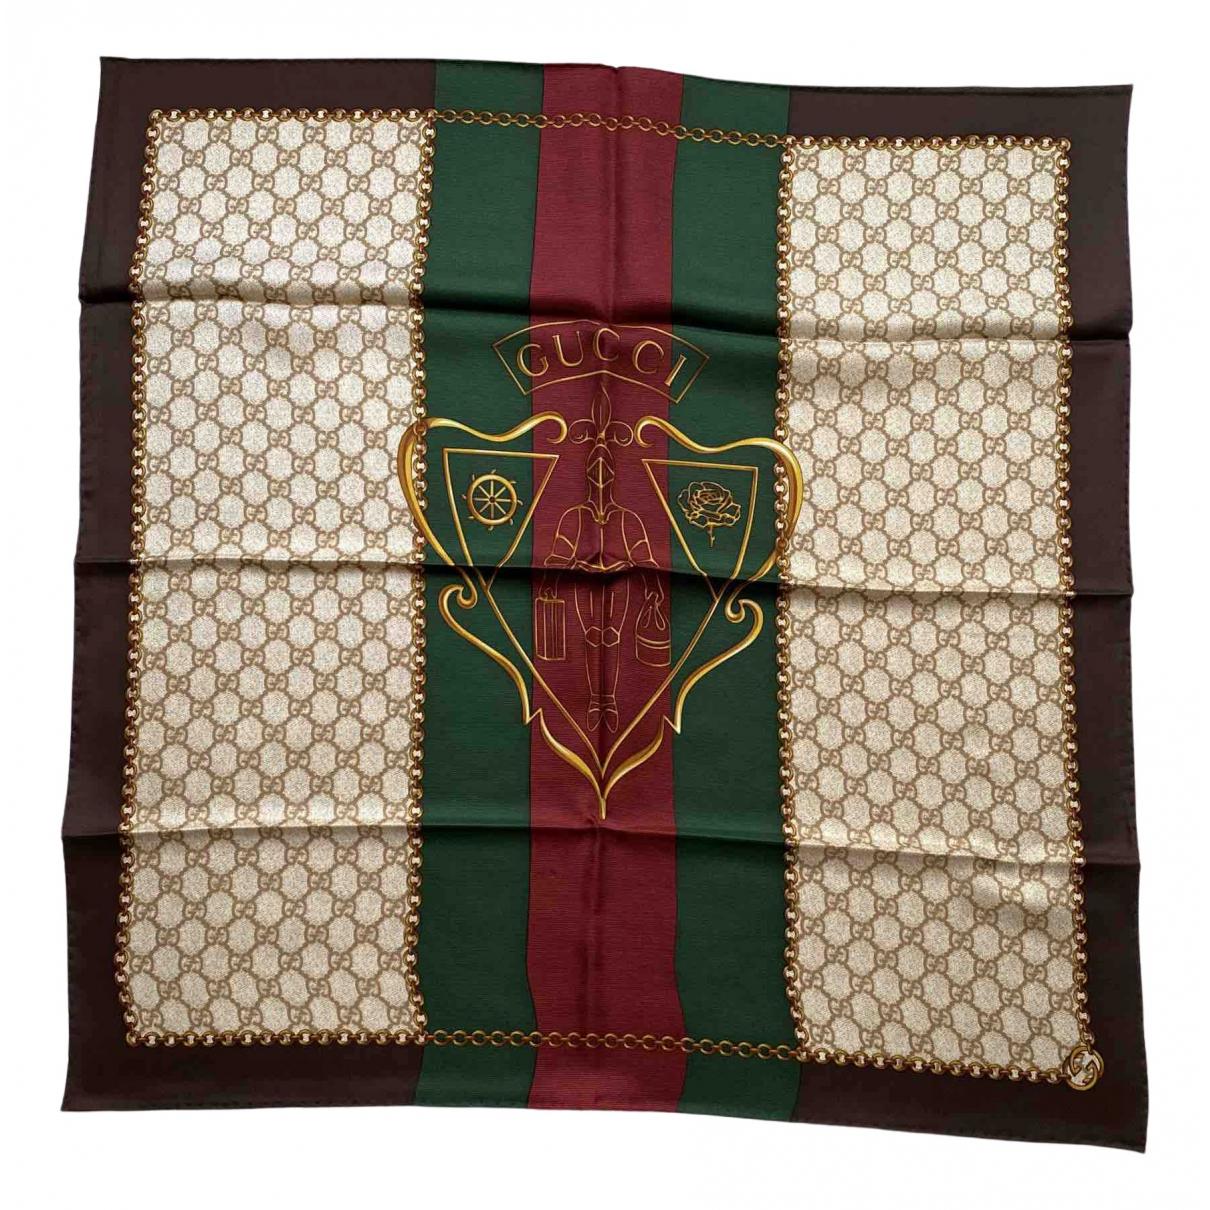 Gucci - Foulard   pour femme en soie - marron